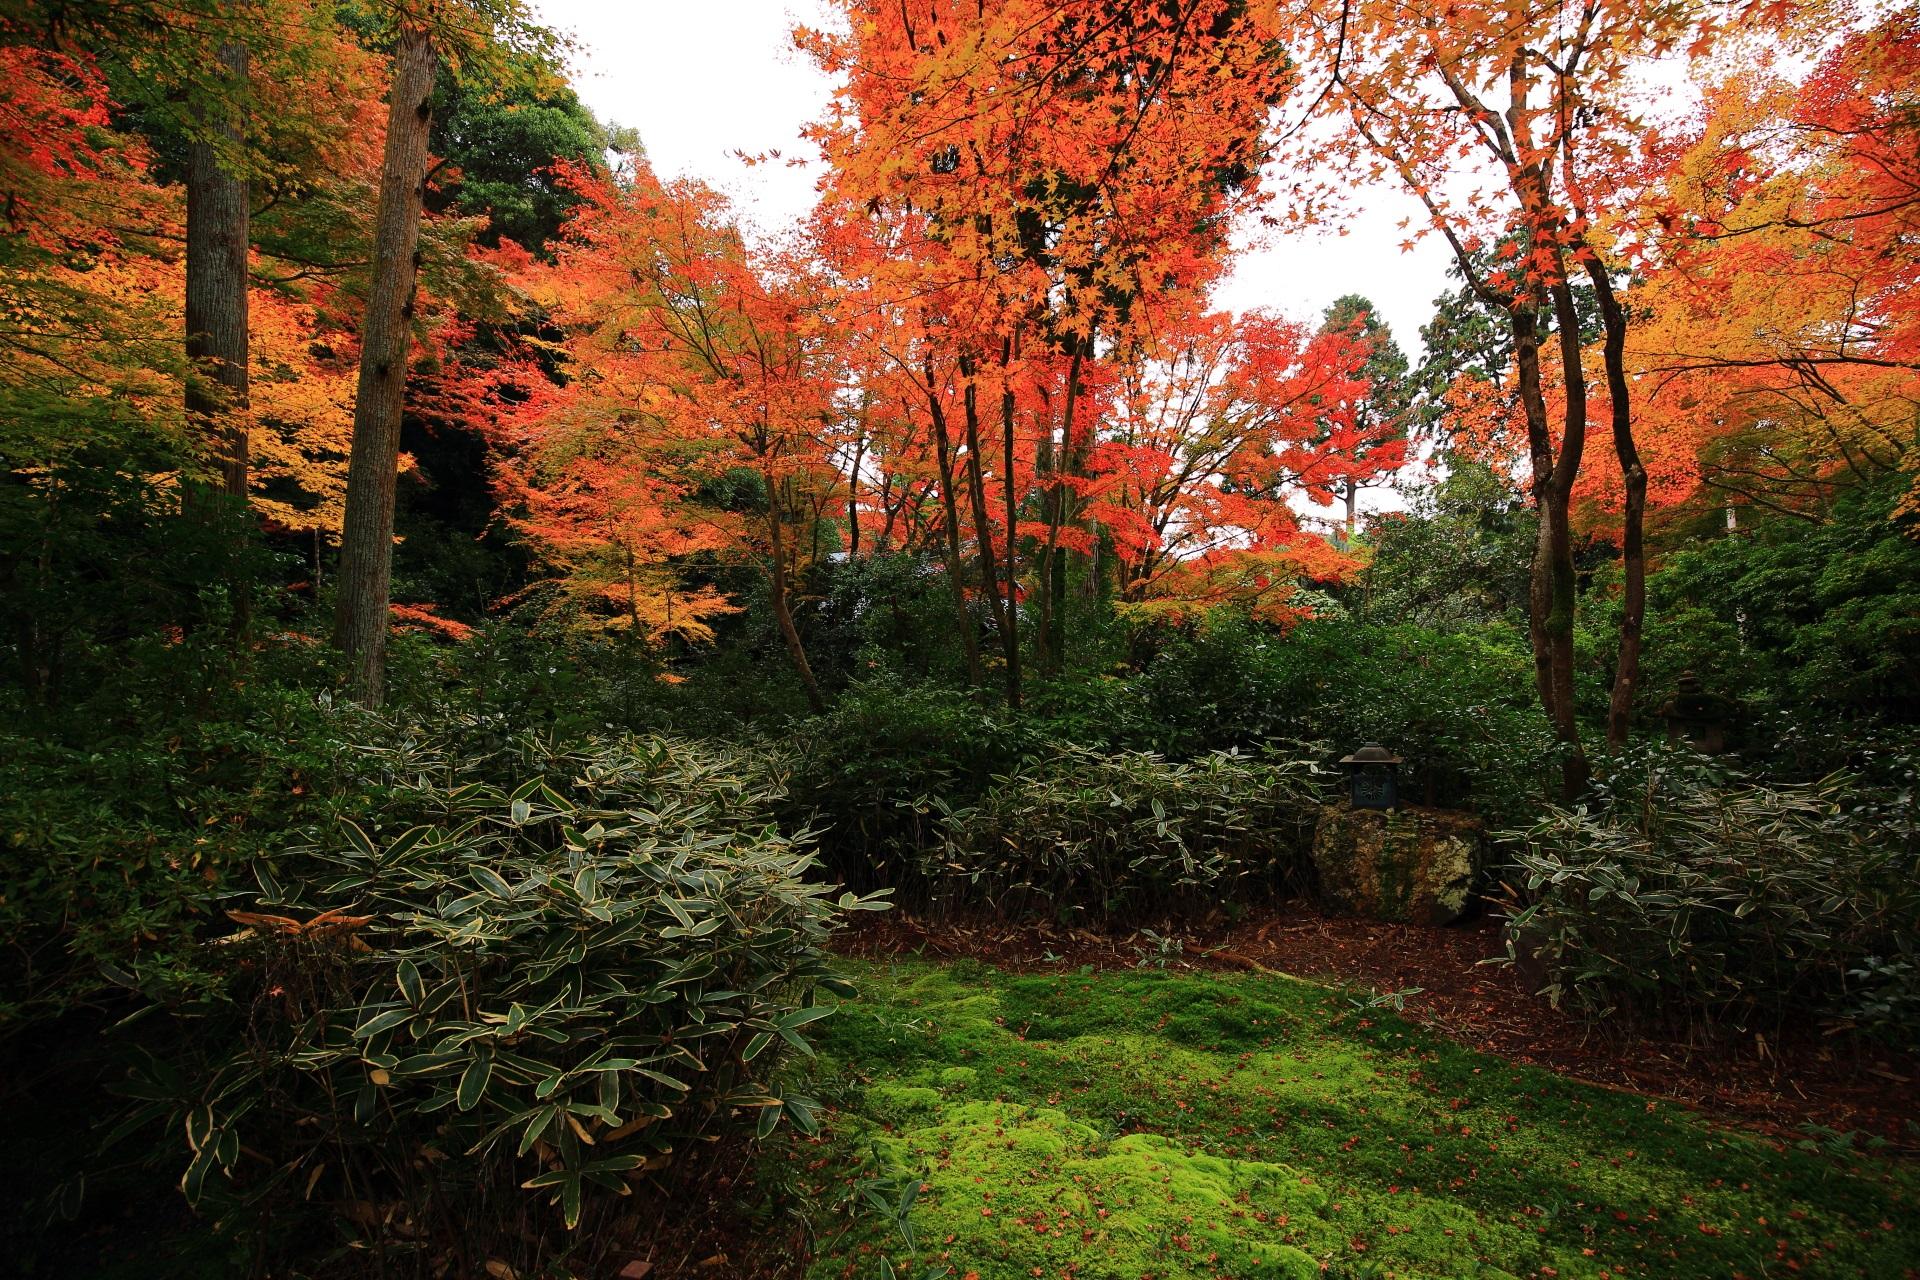 来迎院の庭園「含翆庭」(がんすいてい)の紅葉